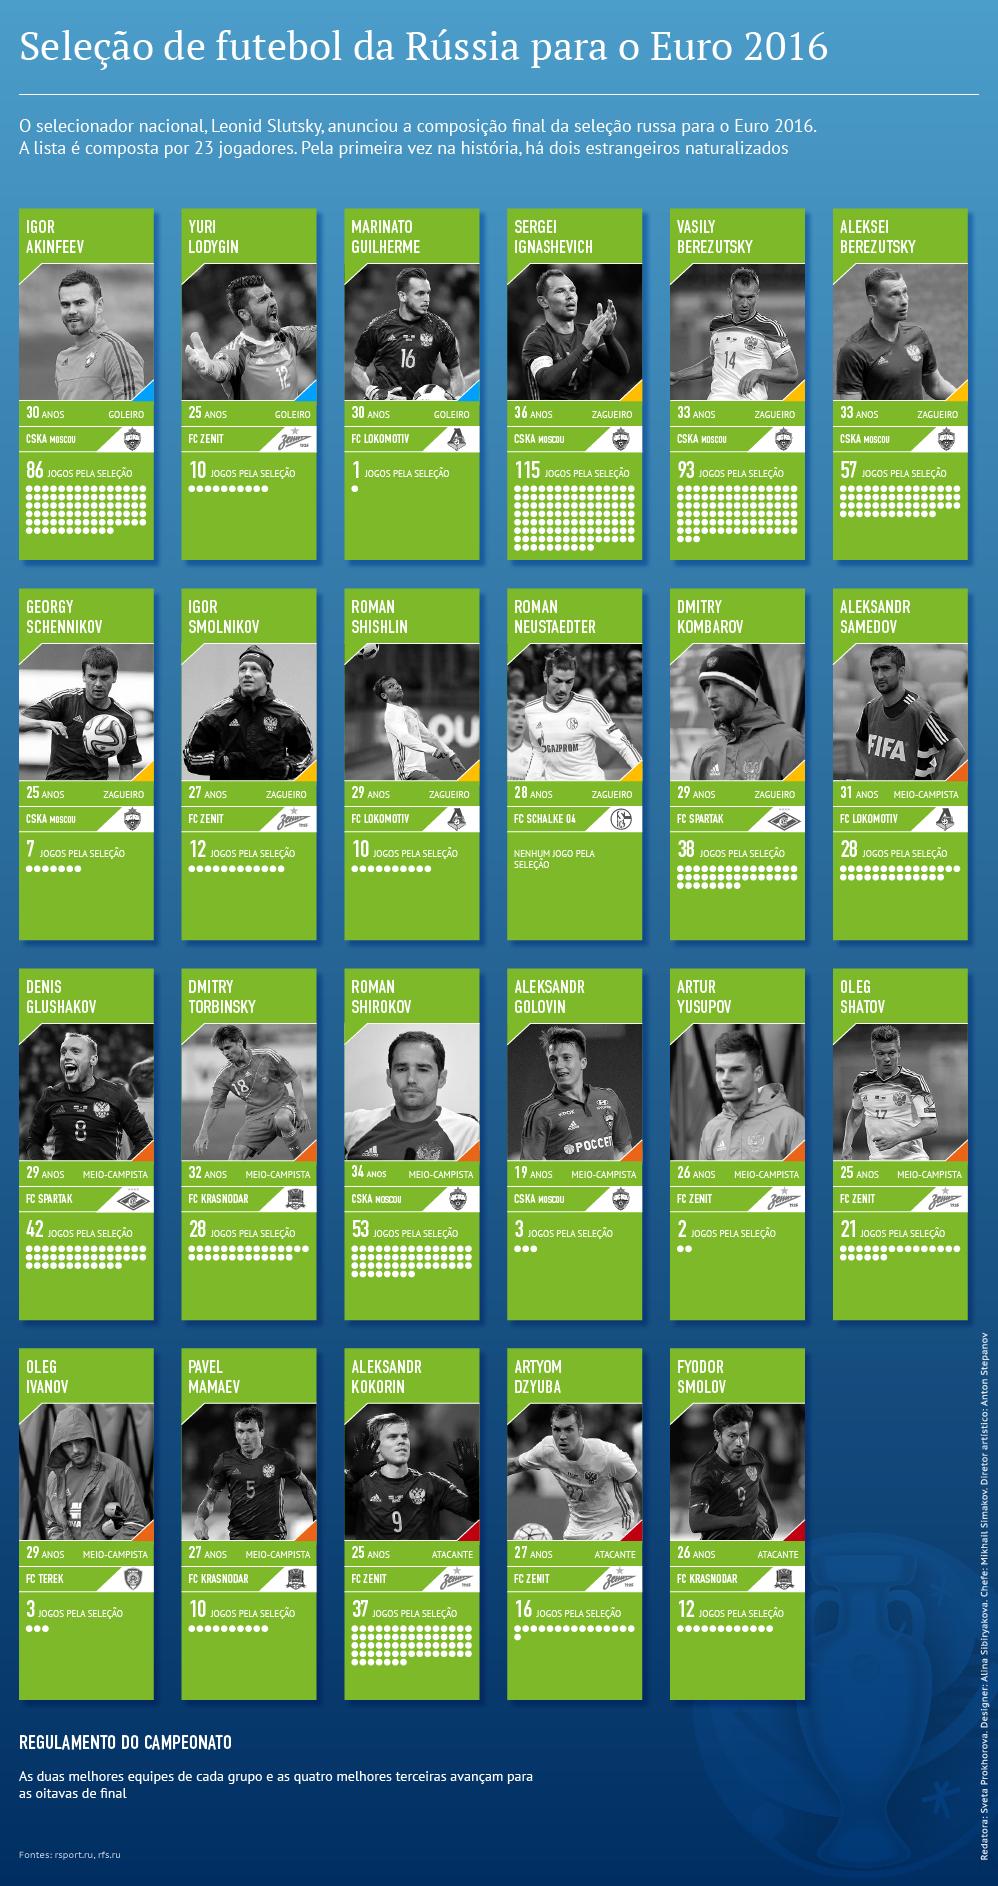 a seleção russa de futebol para a Eurocopa 2016